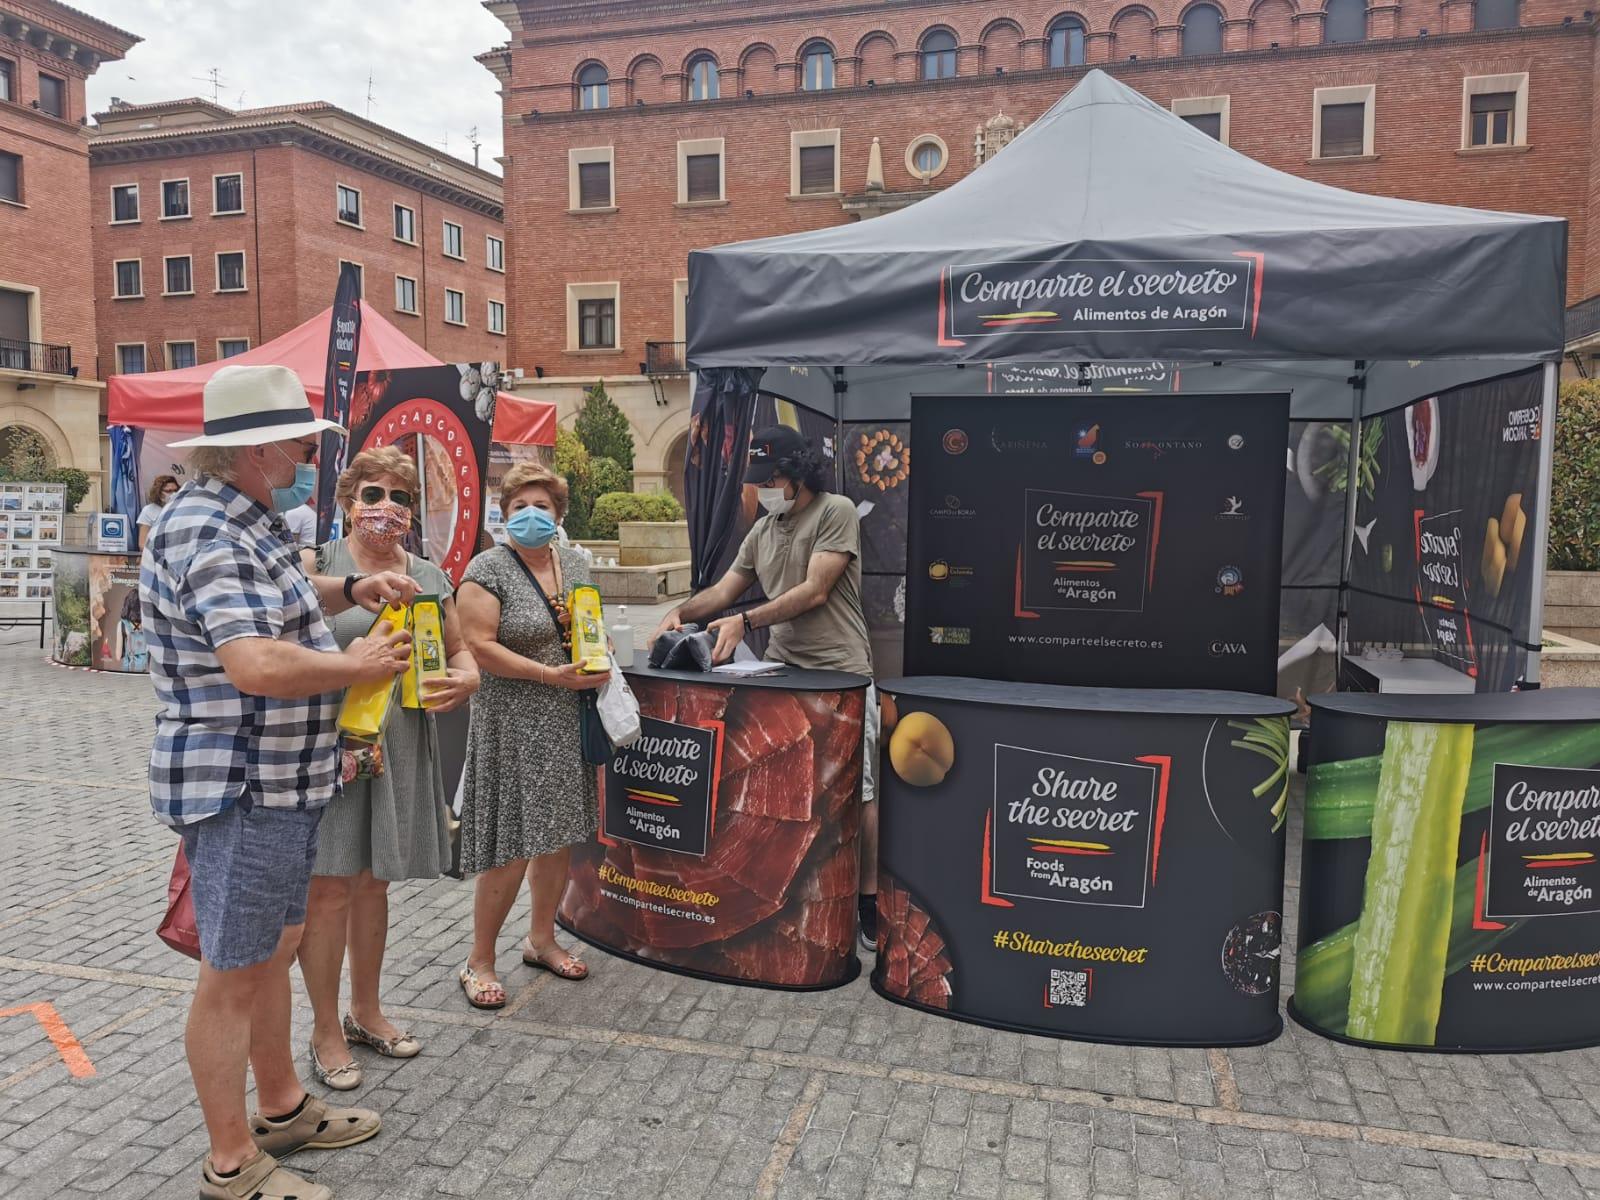 Participantes concurso redes sociales y rosco de los alimentos de Aragón